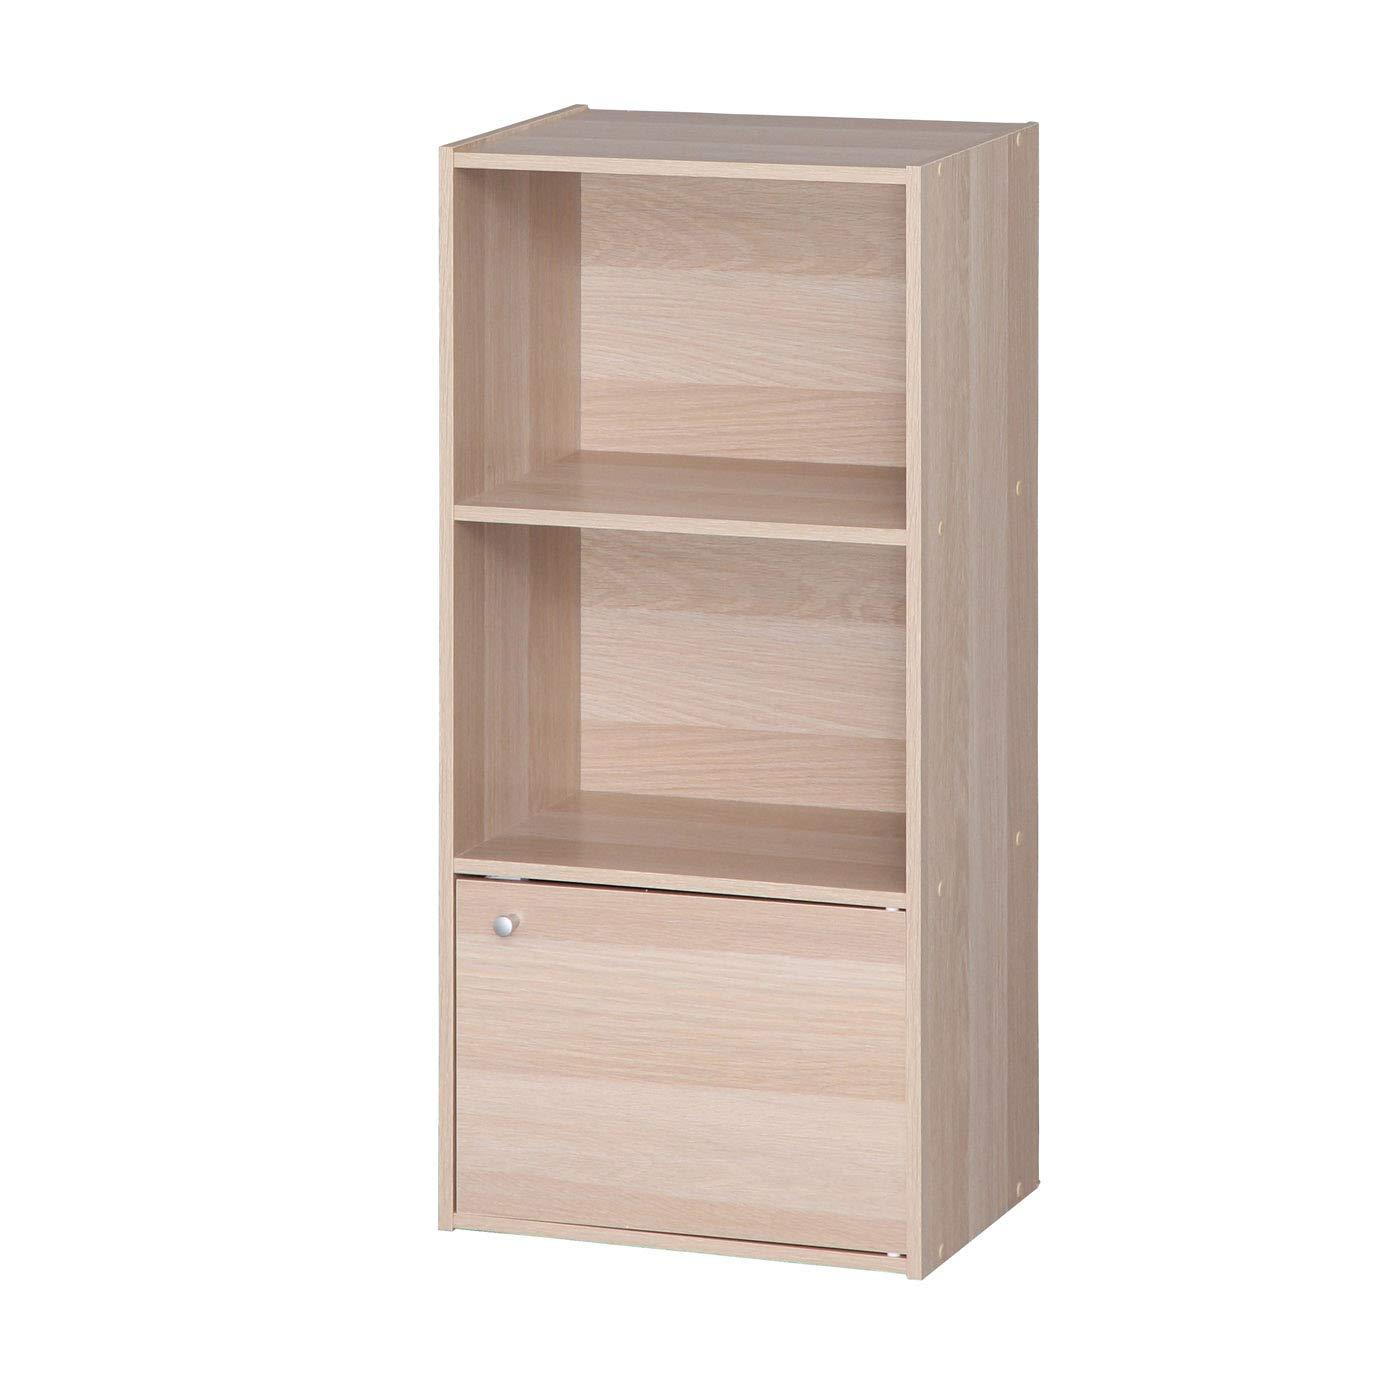 IRIS USA 3 Tier Wood Storage Shelf with Door, Light Brown